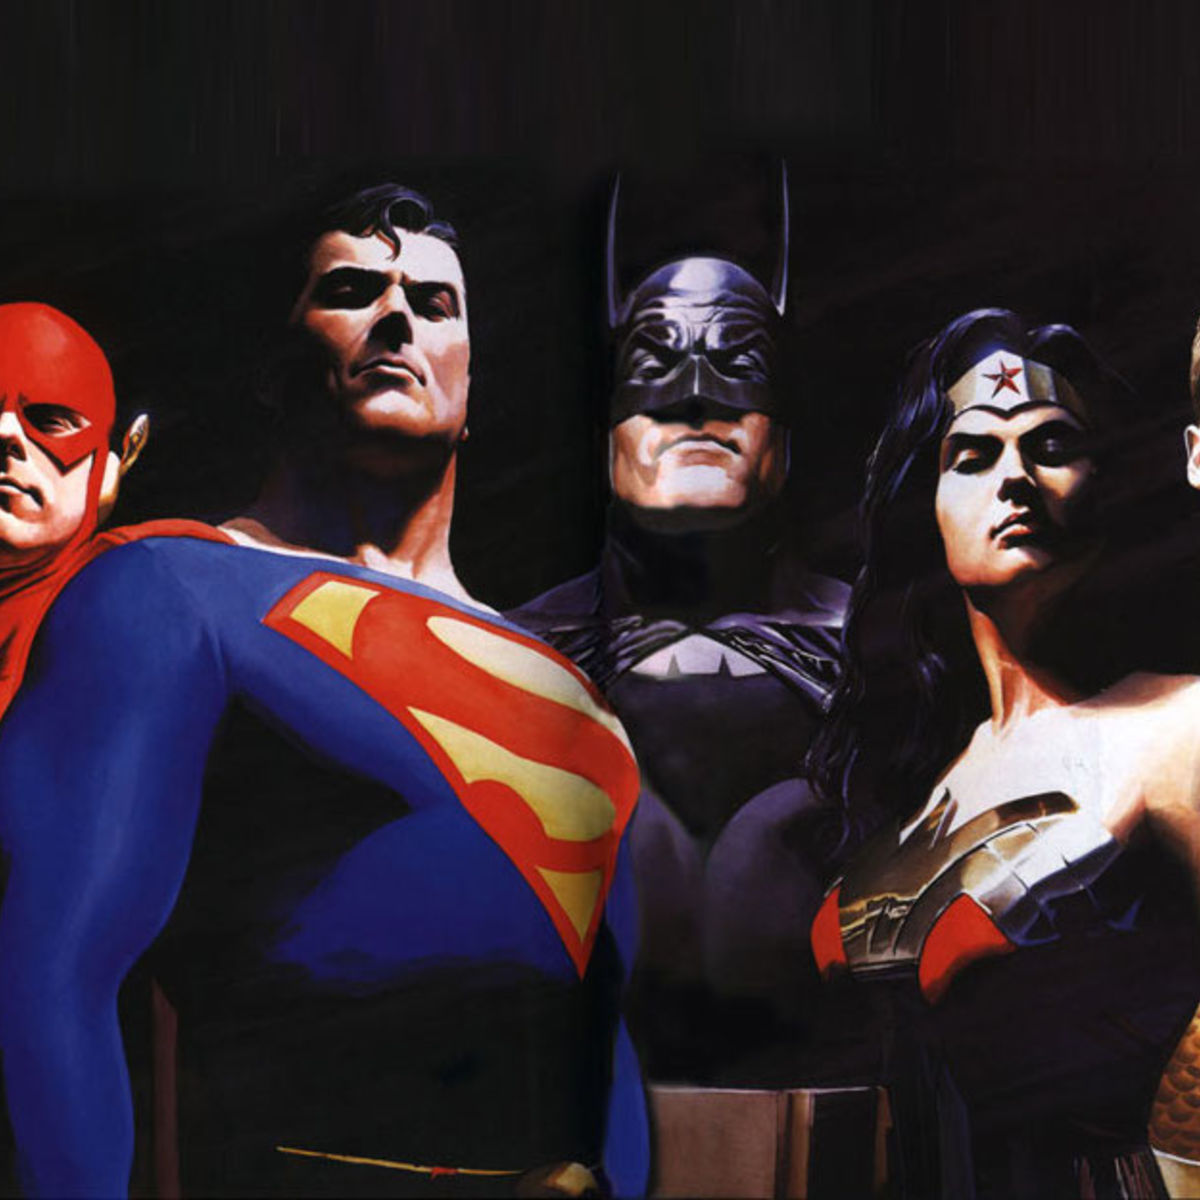 alex-ross-justice-league-wallpaper.jpg